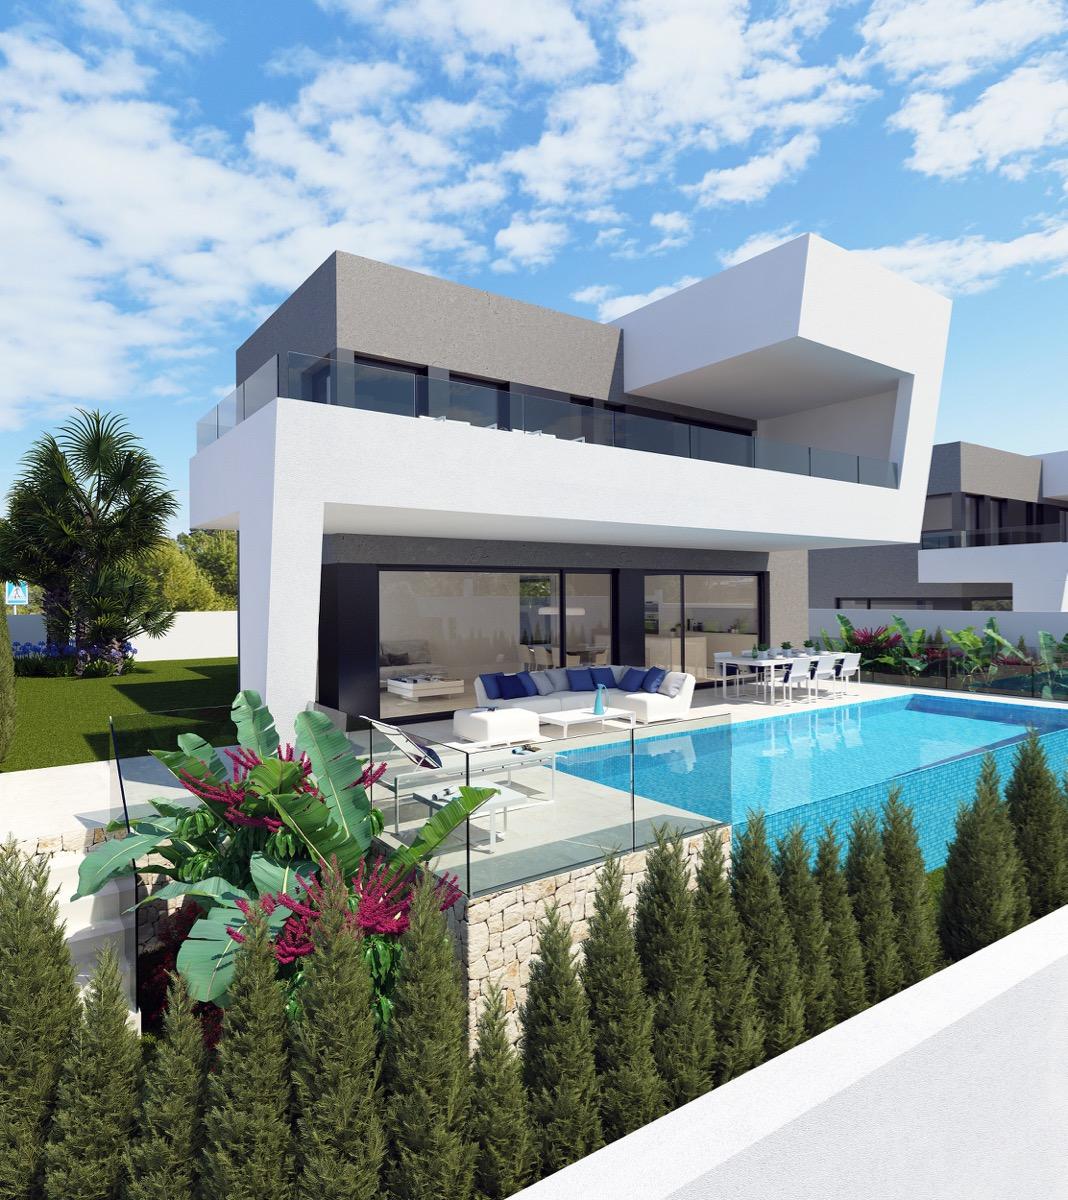 Casas de obra nueva en venta en Polop de la Marina, Villas de nueva construcción en venta en Polop de la Marina, proyectos de obra nueva en venta en Polop de la Marina